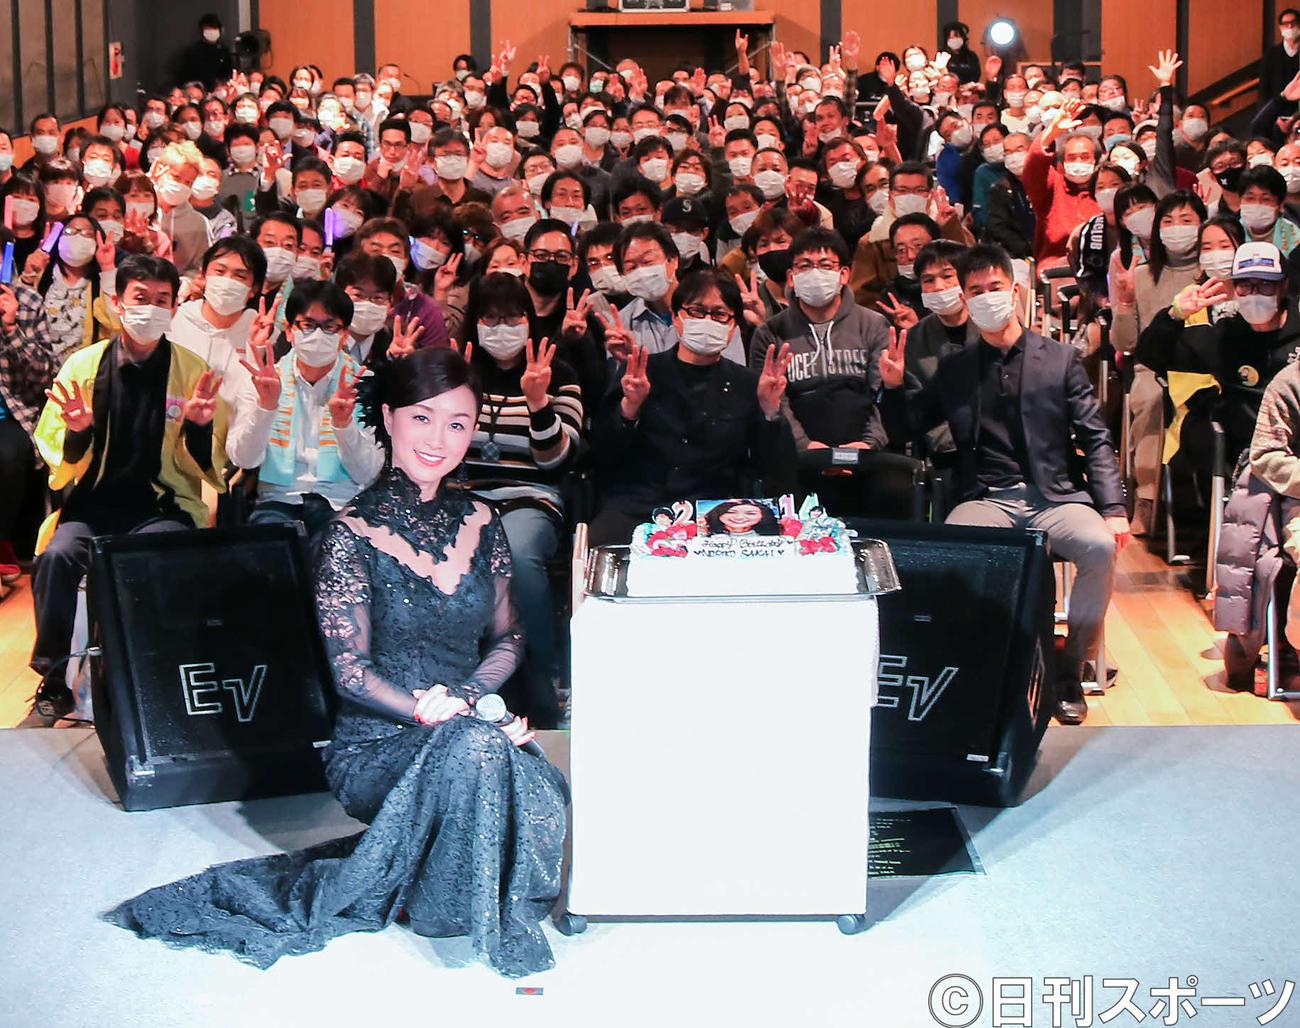 新型コロナウイルス対策のため、マスクを着用した240人のファンと記念撮影する酒井法子